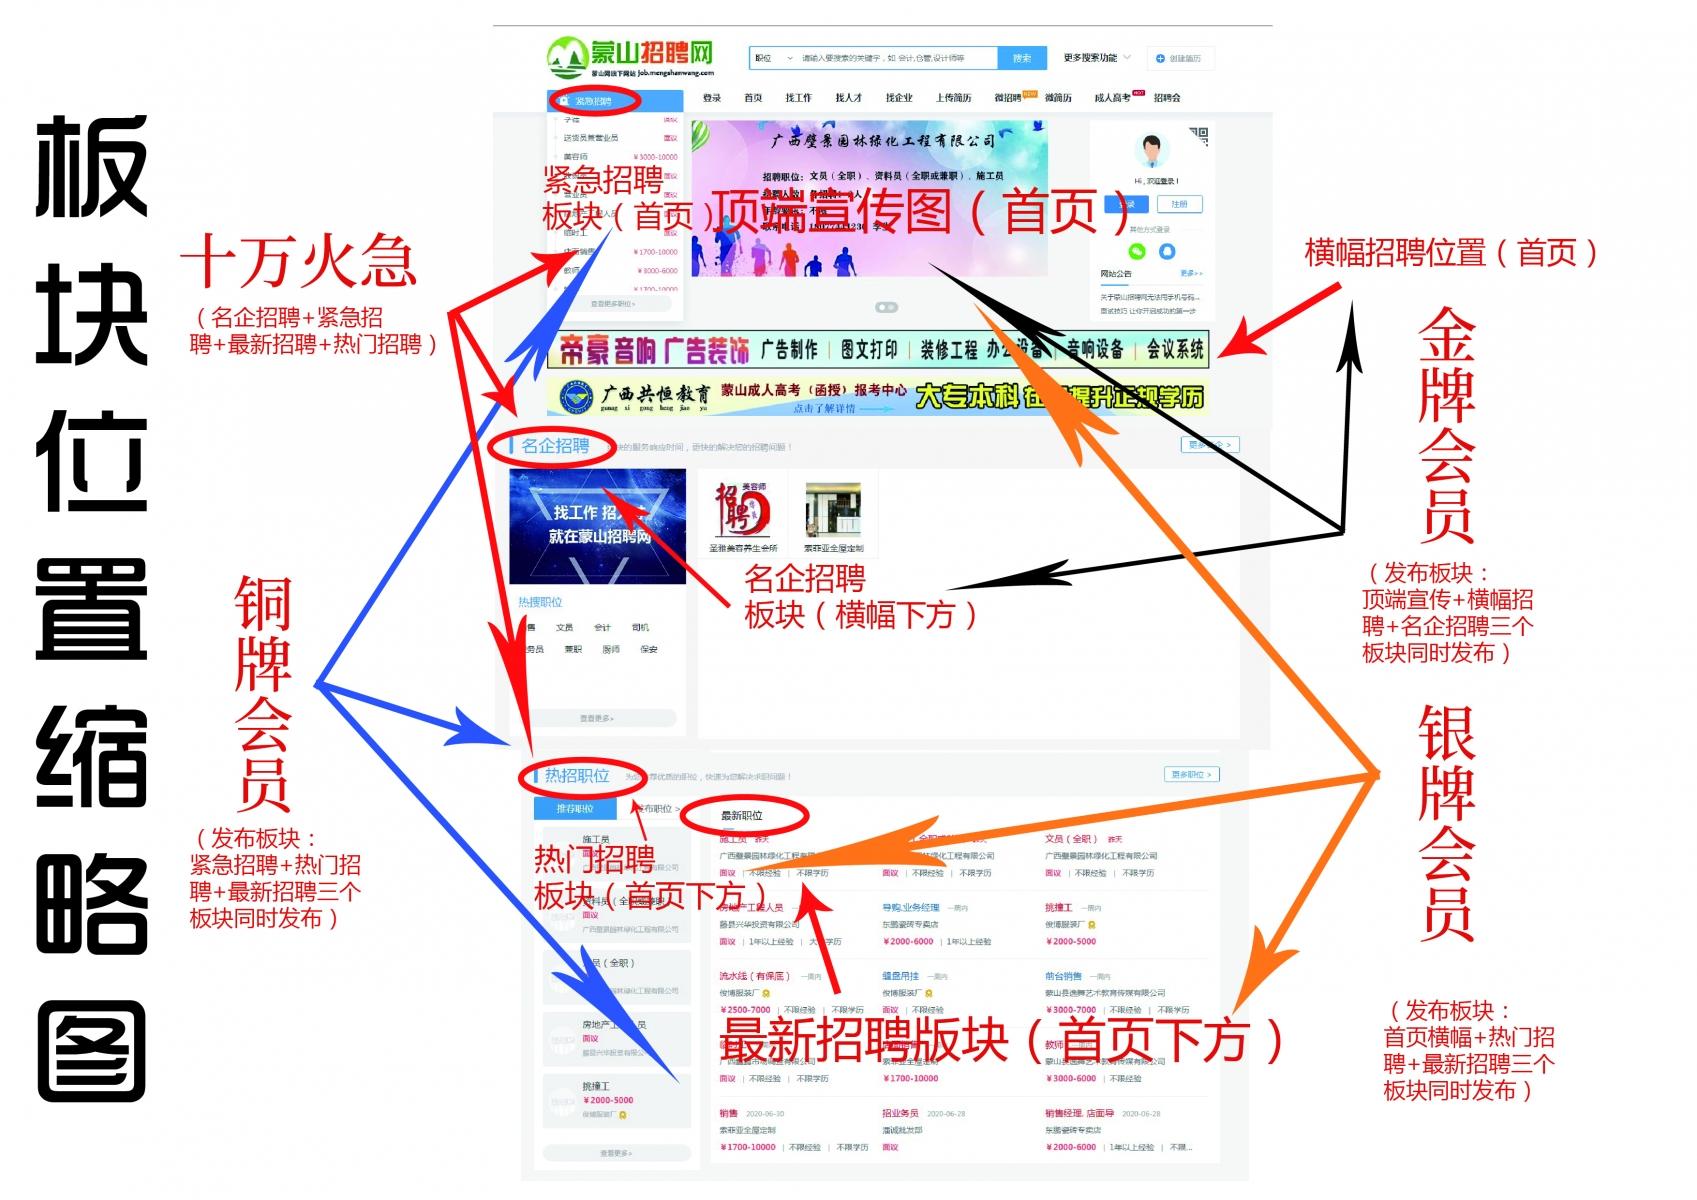 首页顶端宣传图